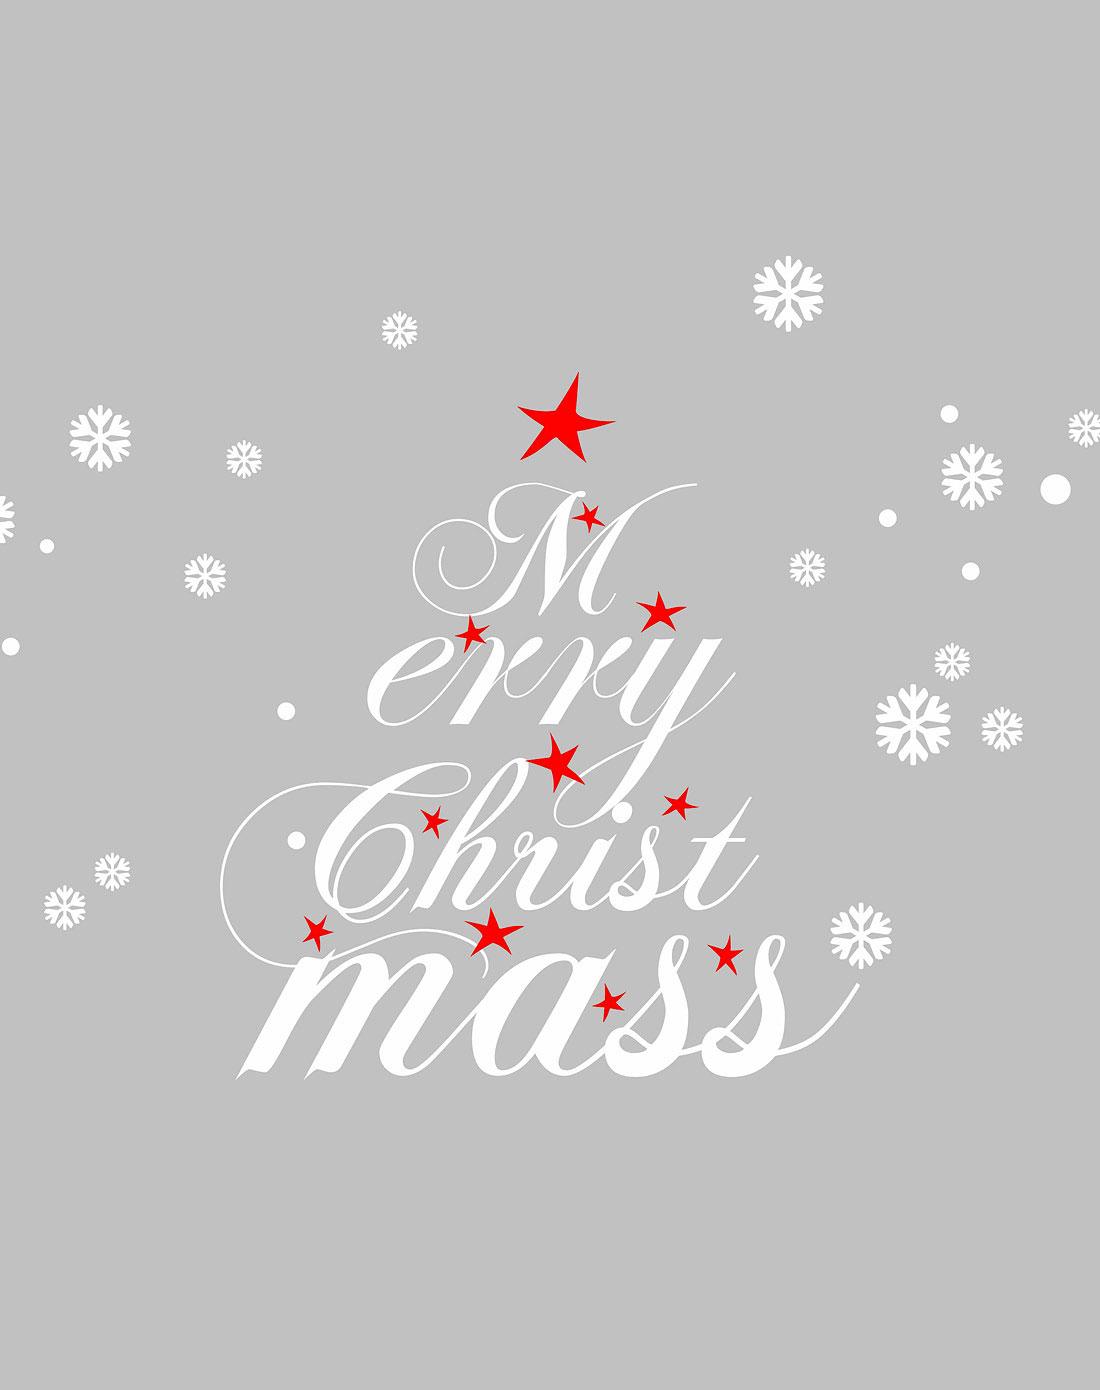 圣诞节英语手抄报 圣诞节简笔画 圣诞节玻璃贴